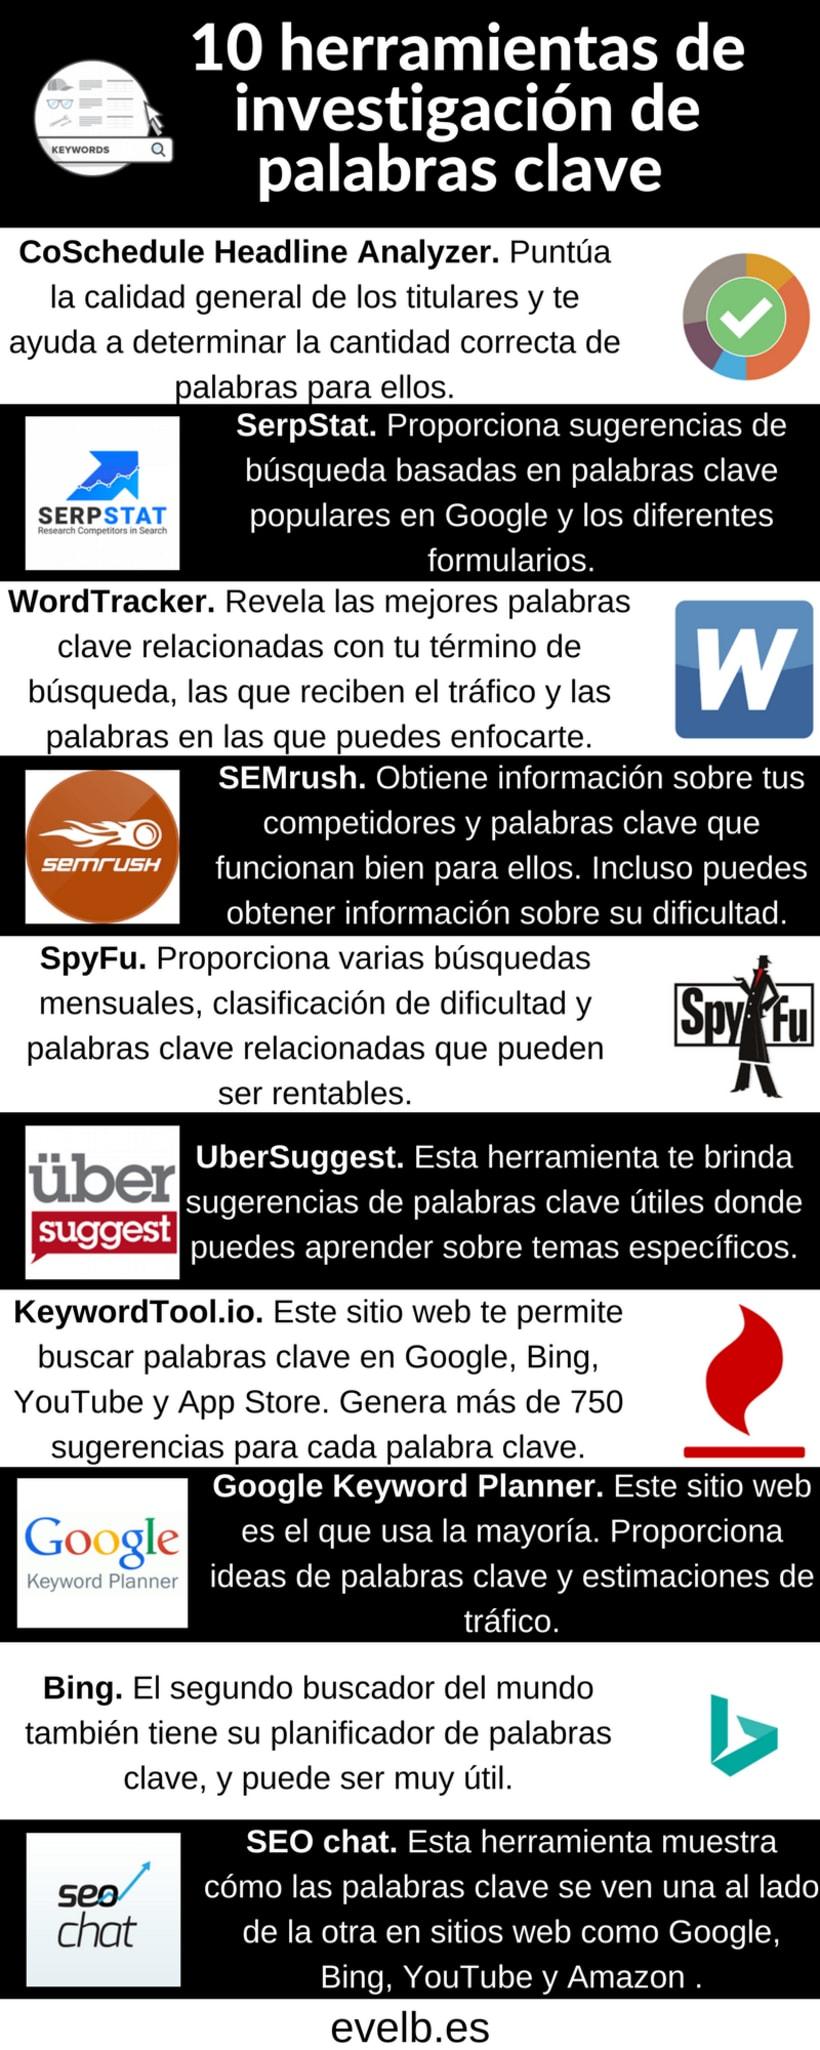 Infografías evelb.es 12